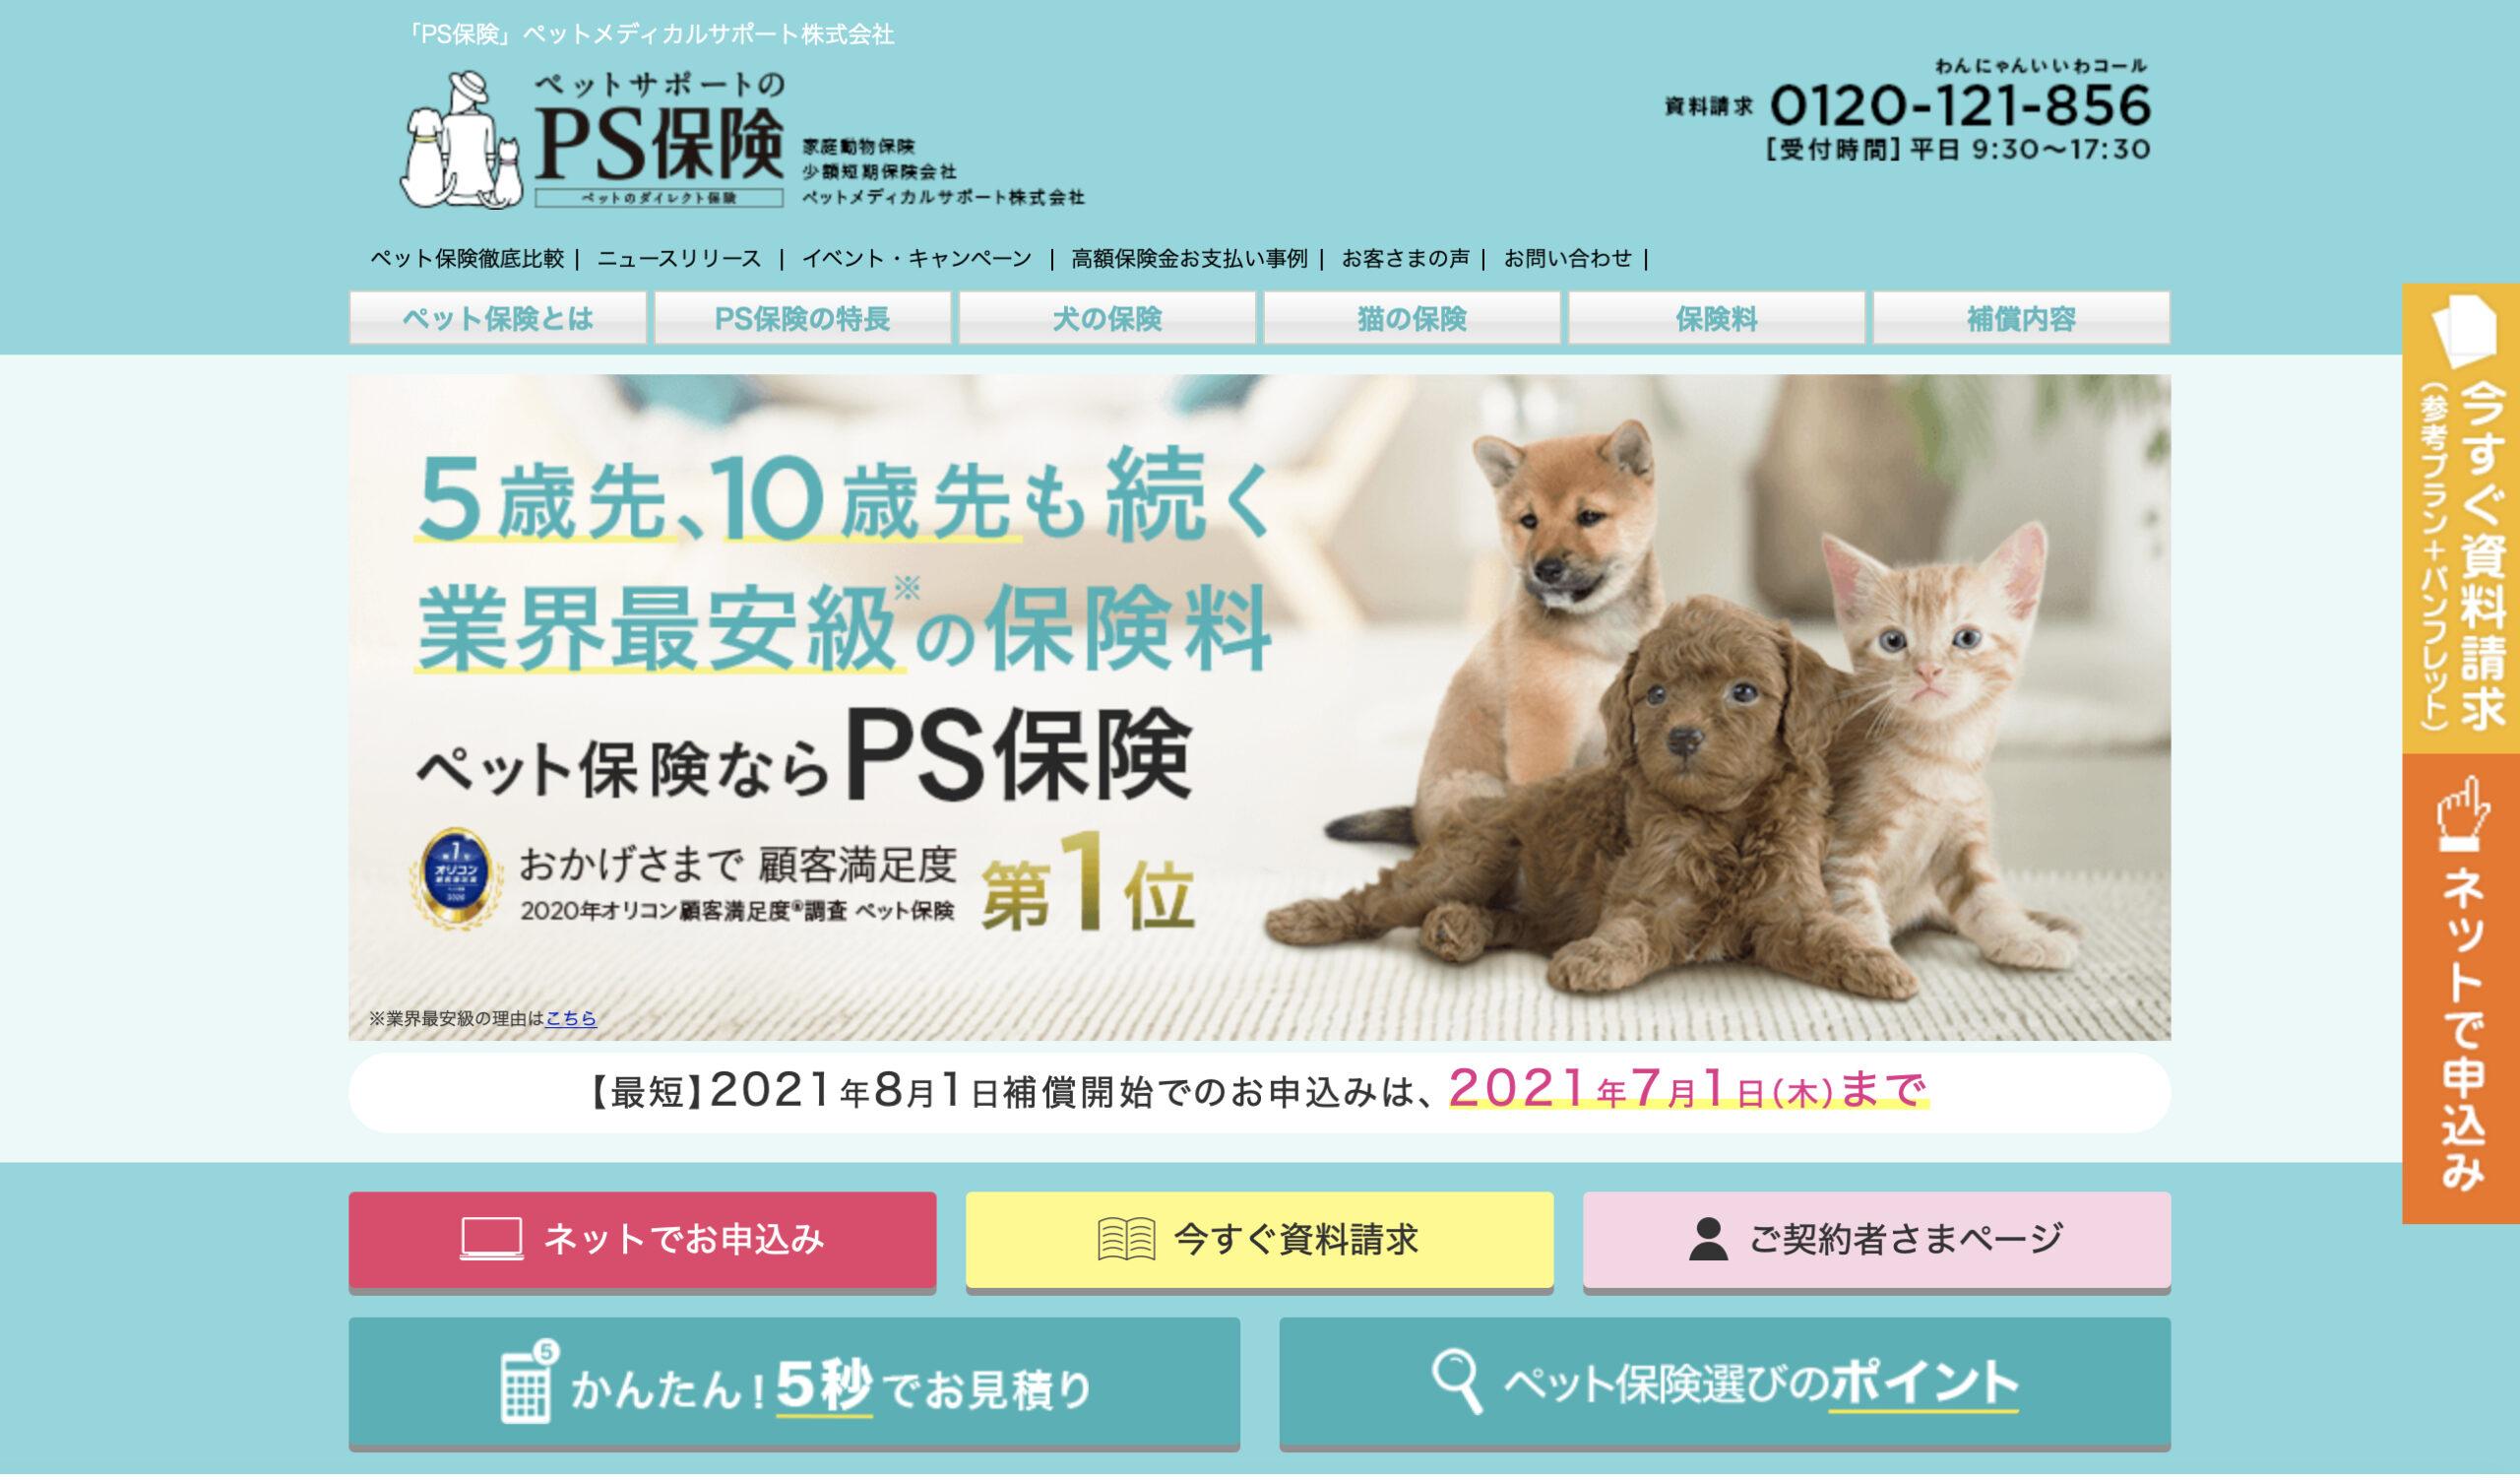 ペット保険会社